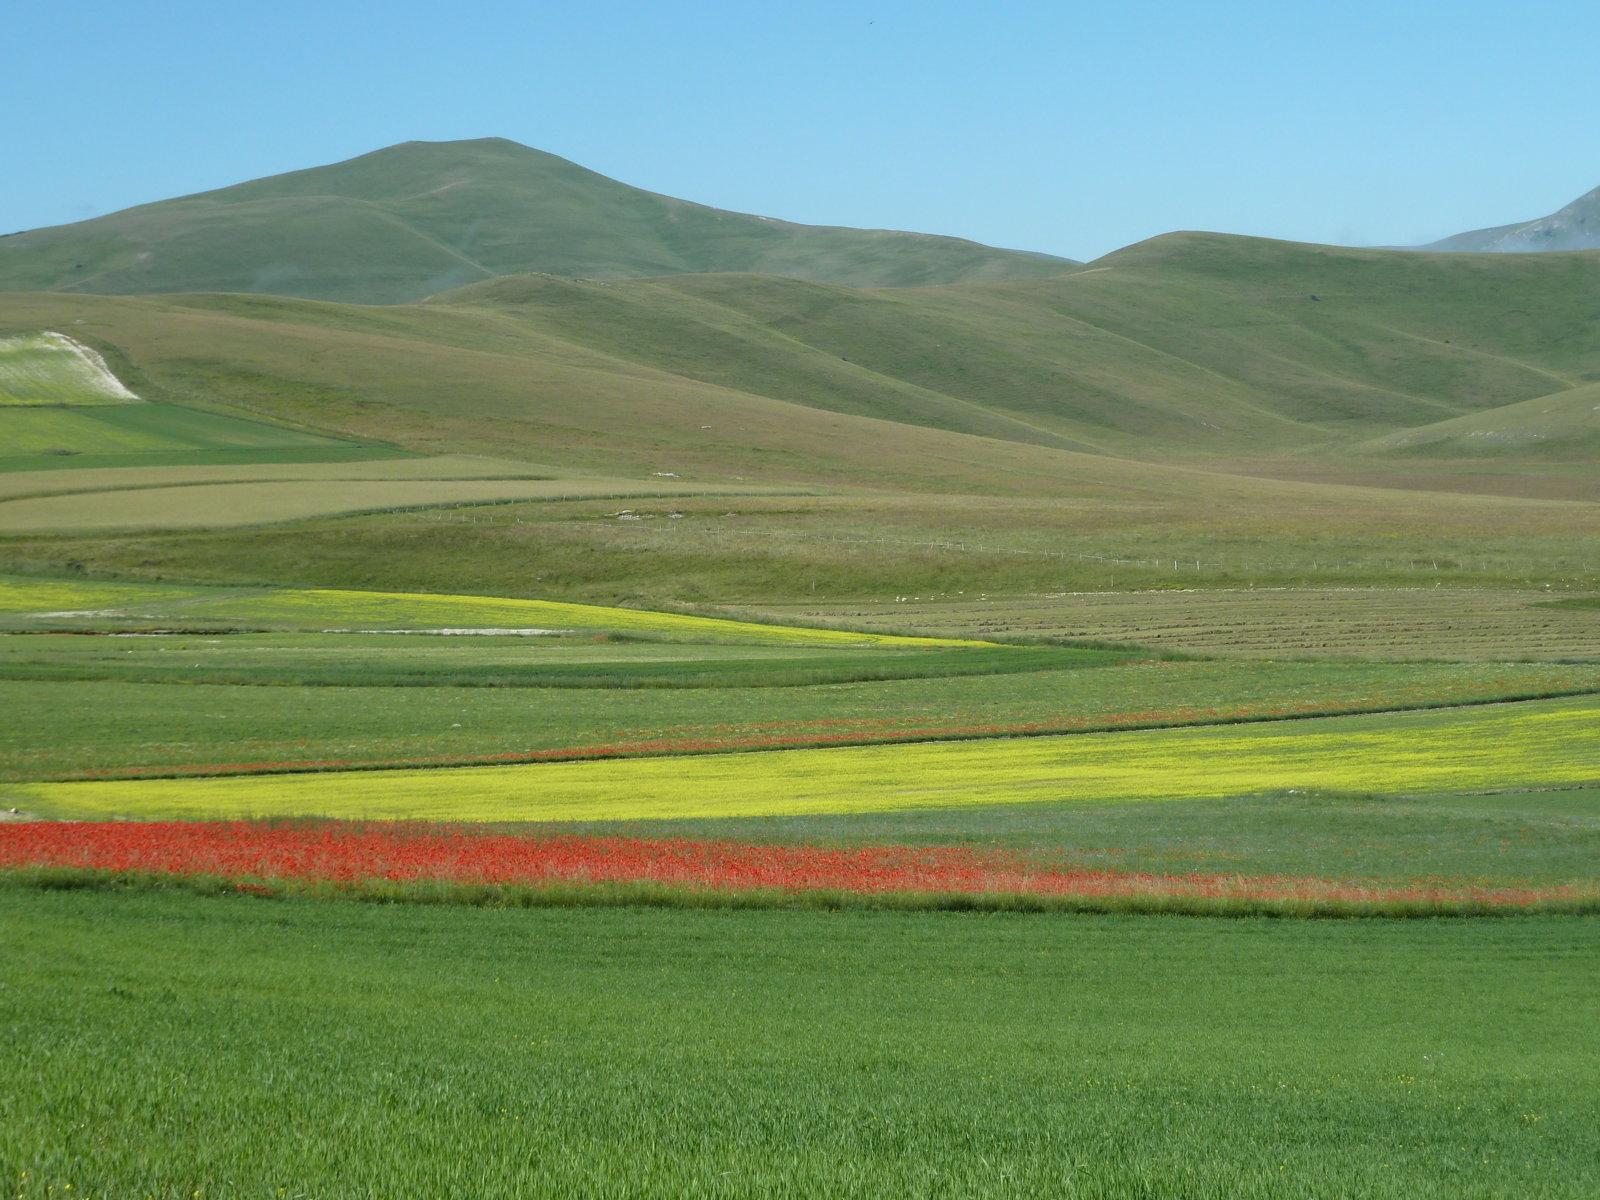 giallo-rosso-verde-fileminimizer